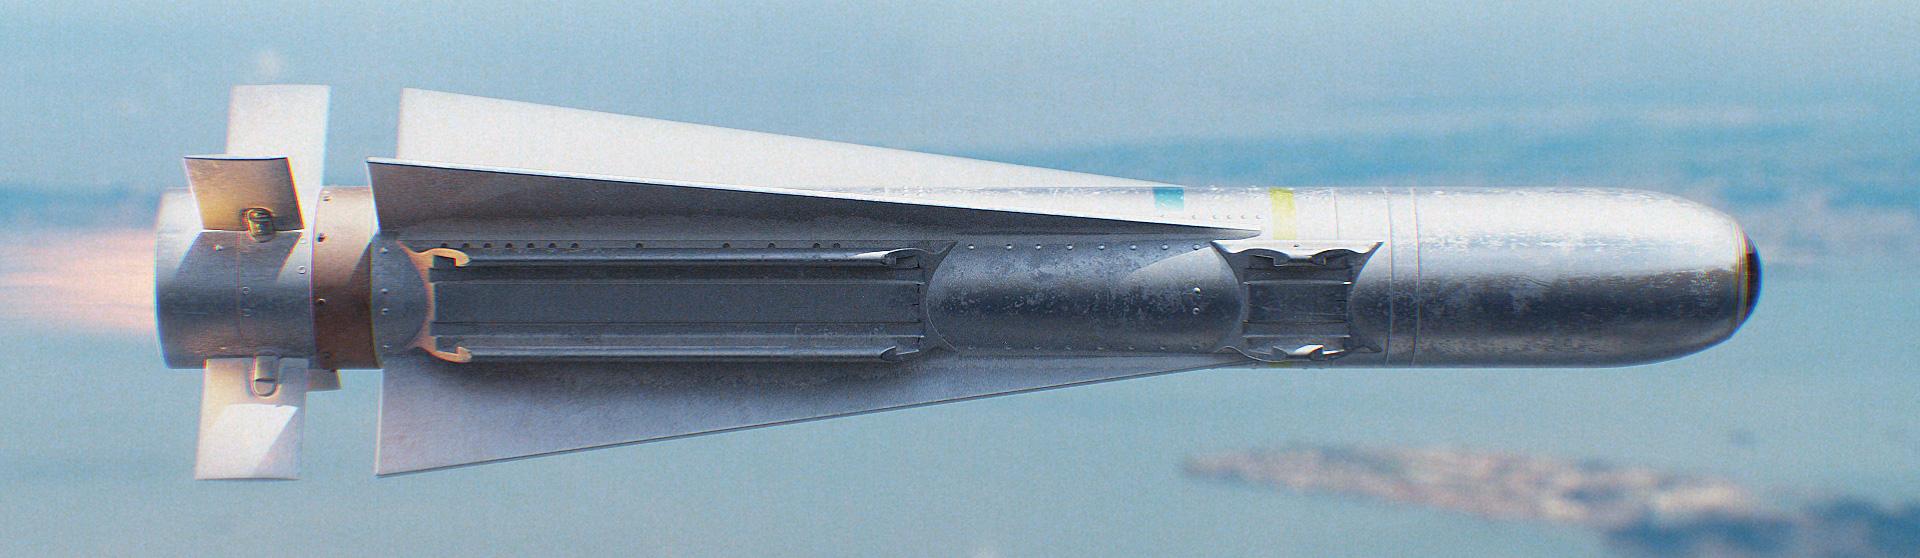 Download AGM-65 Maverick Missile 3D Model